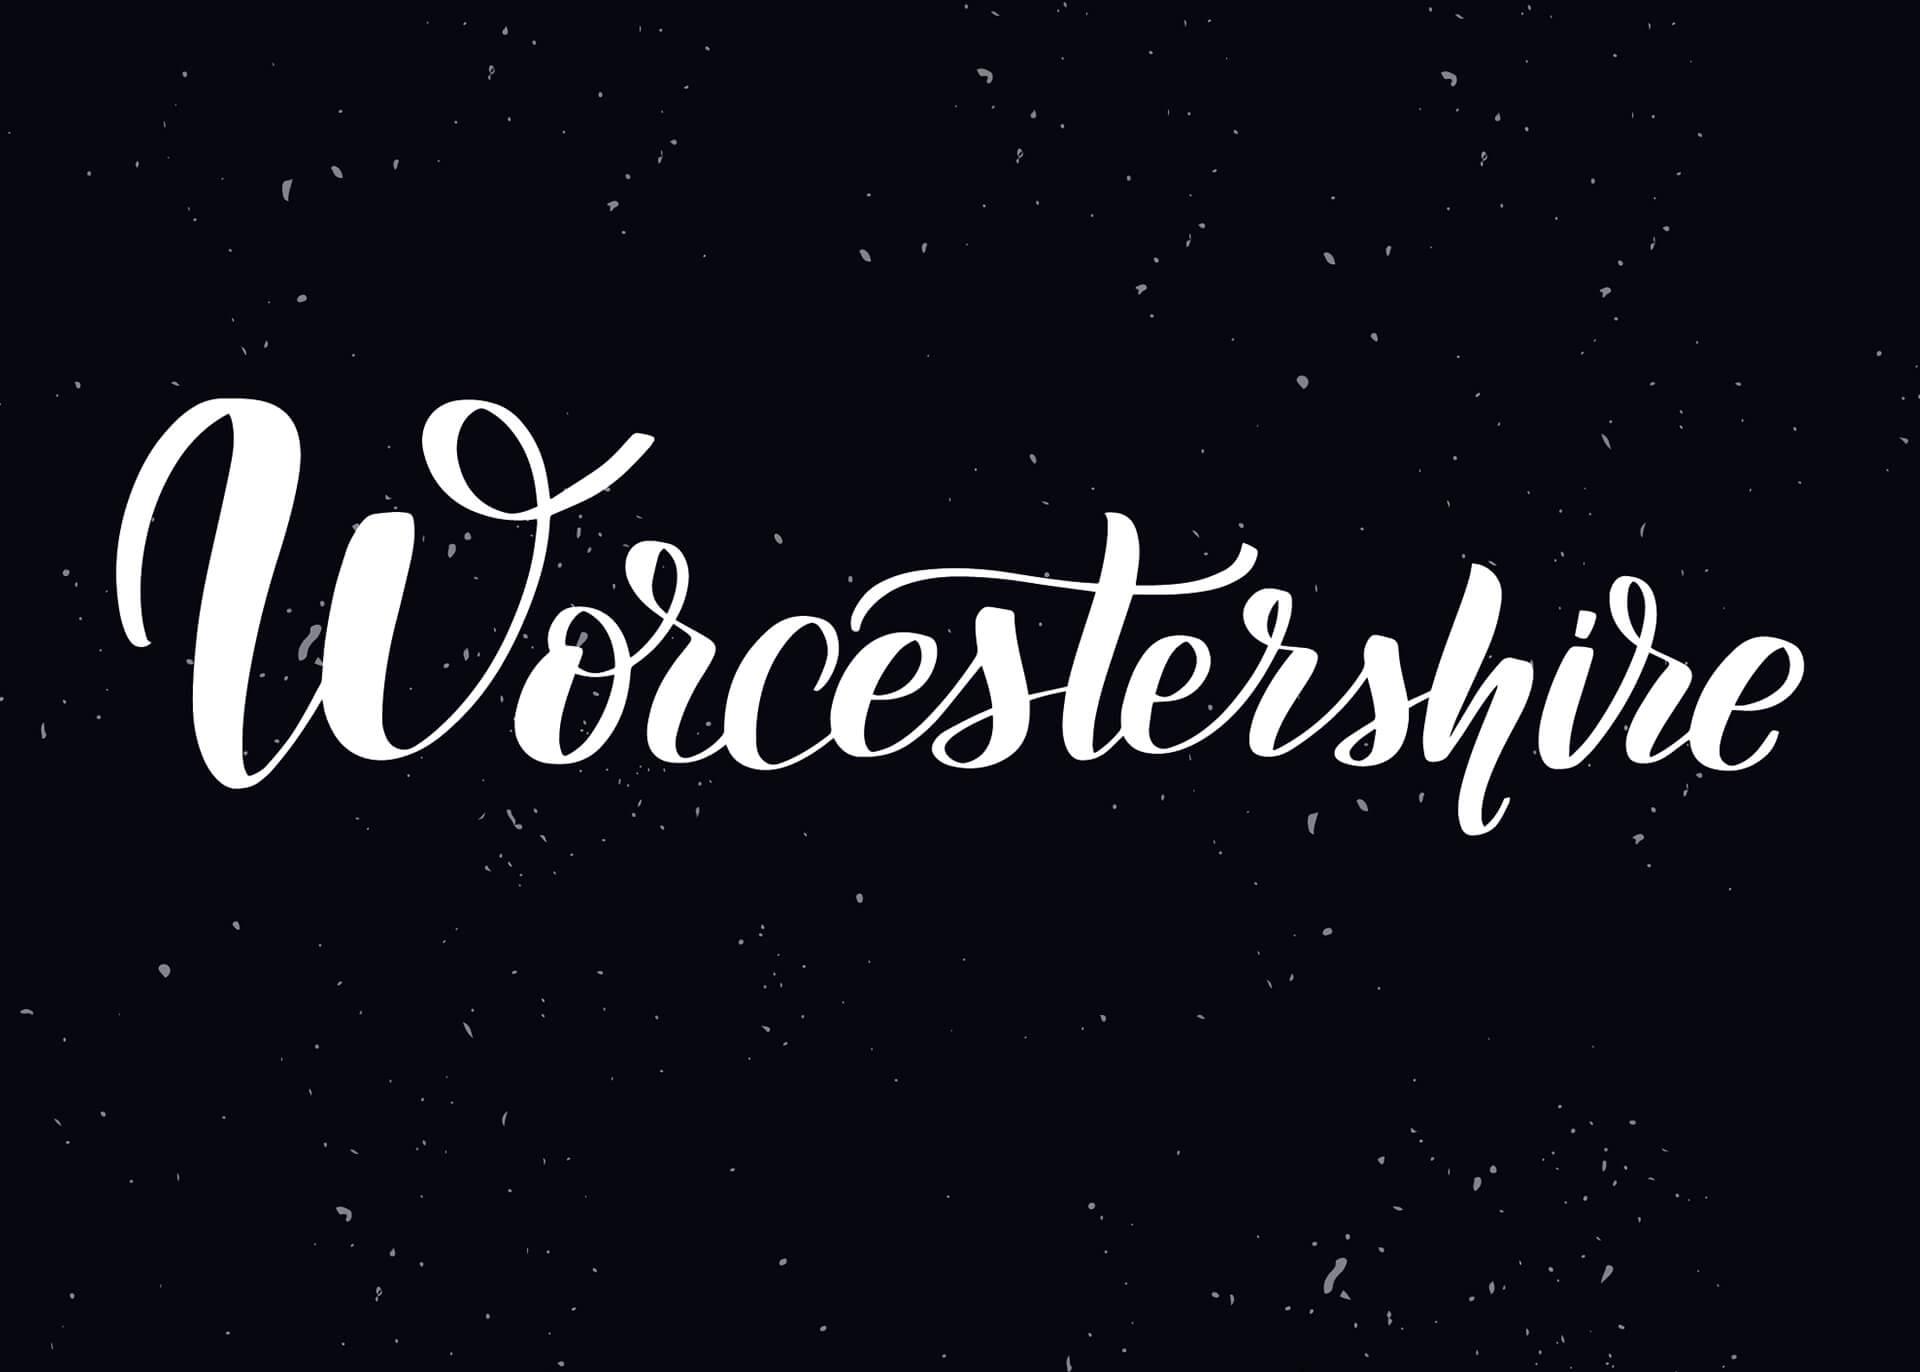 Worcestersauce Titel